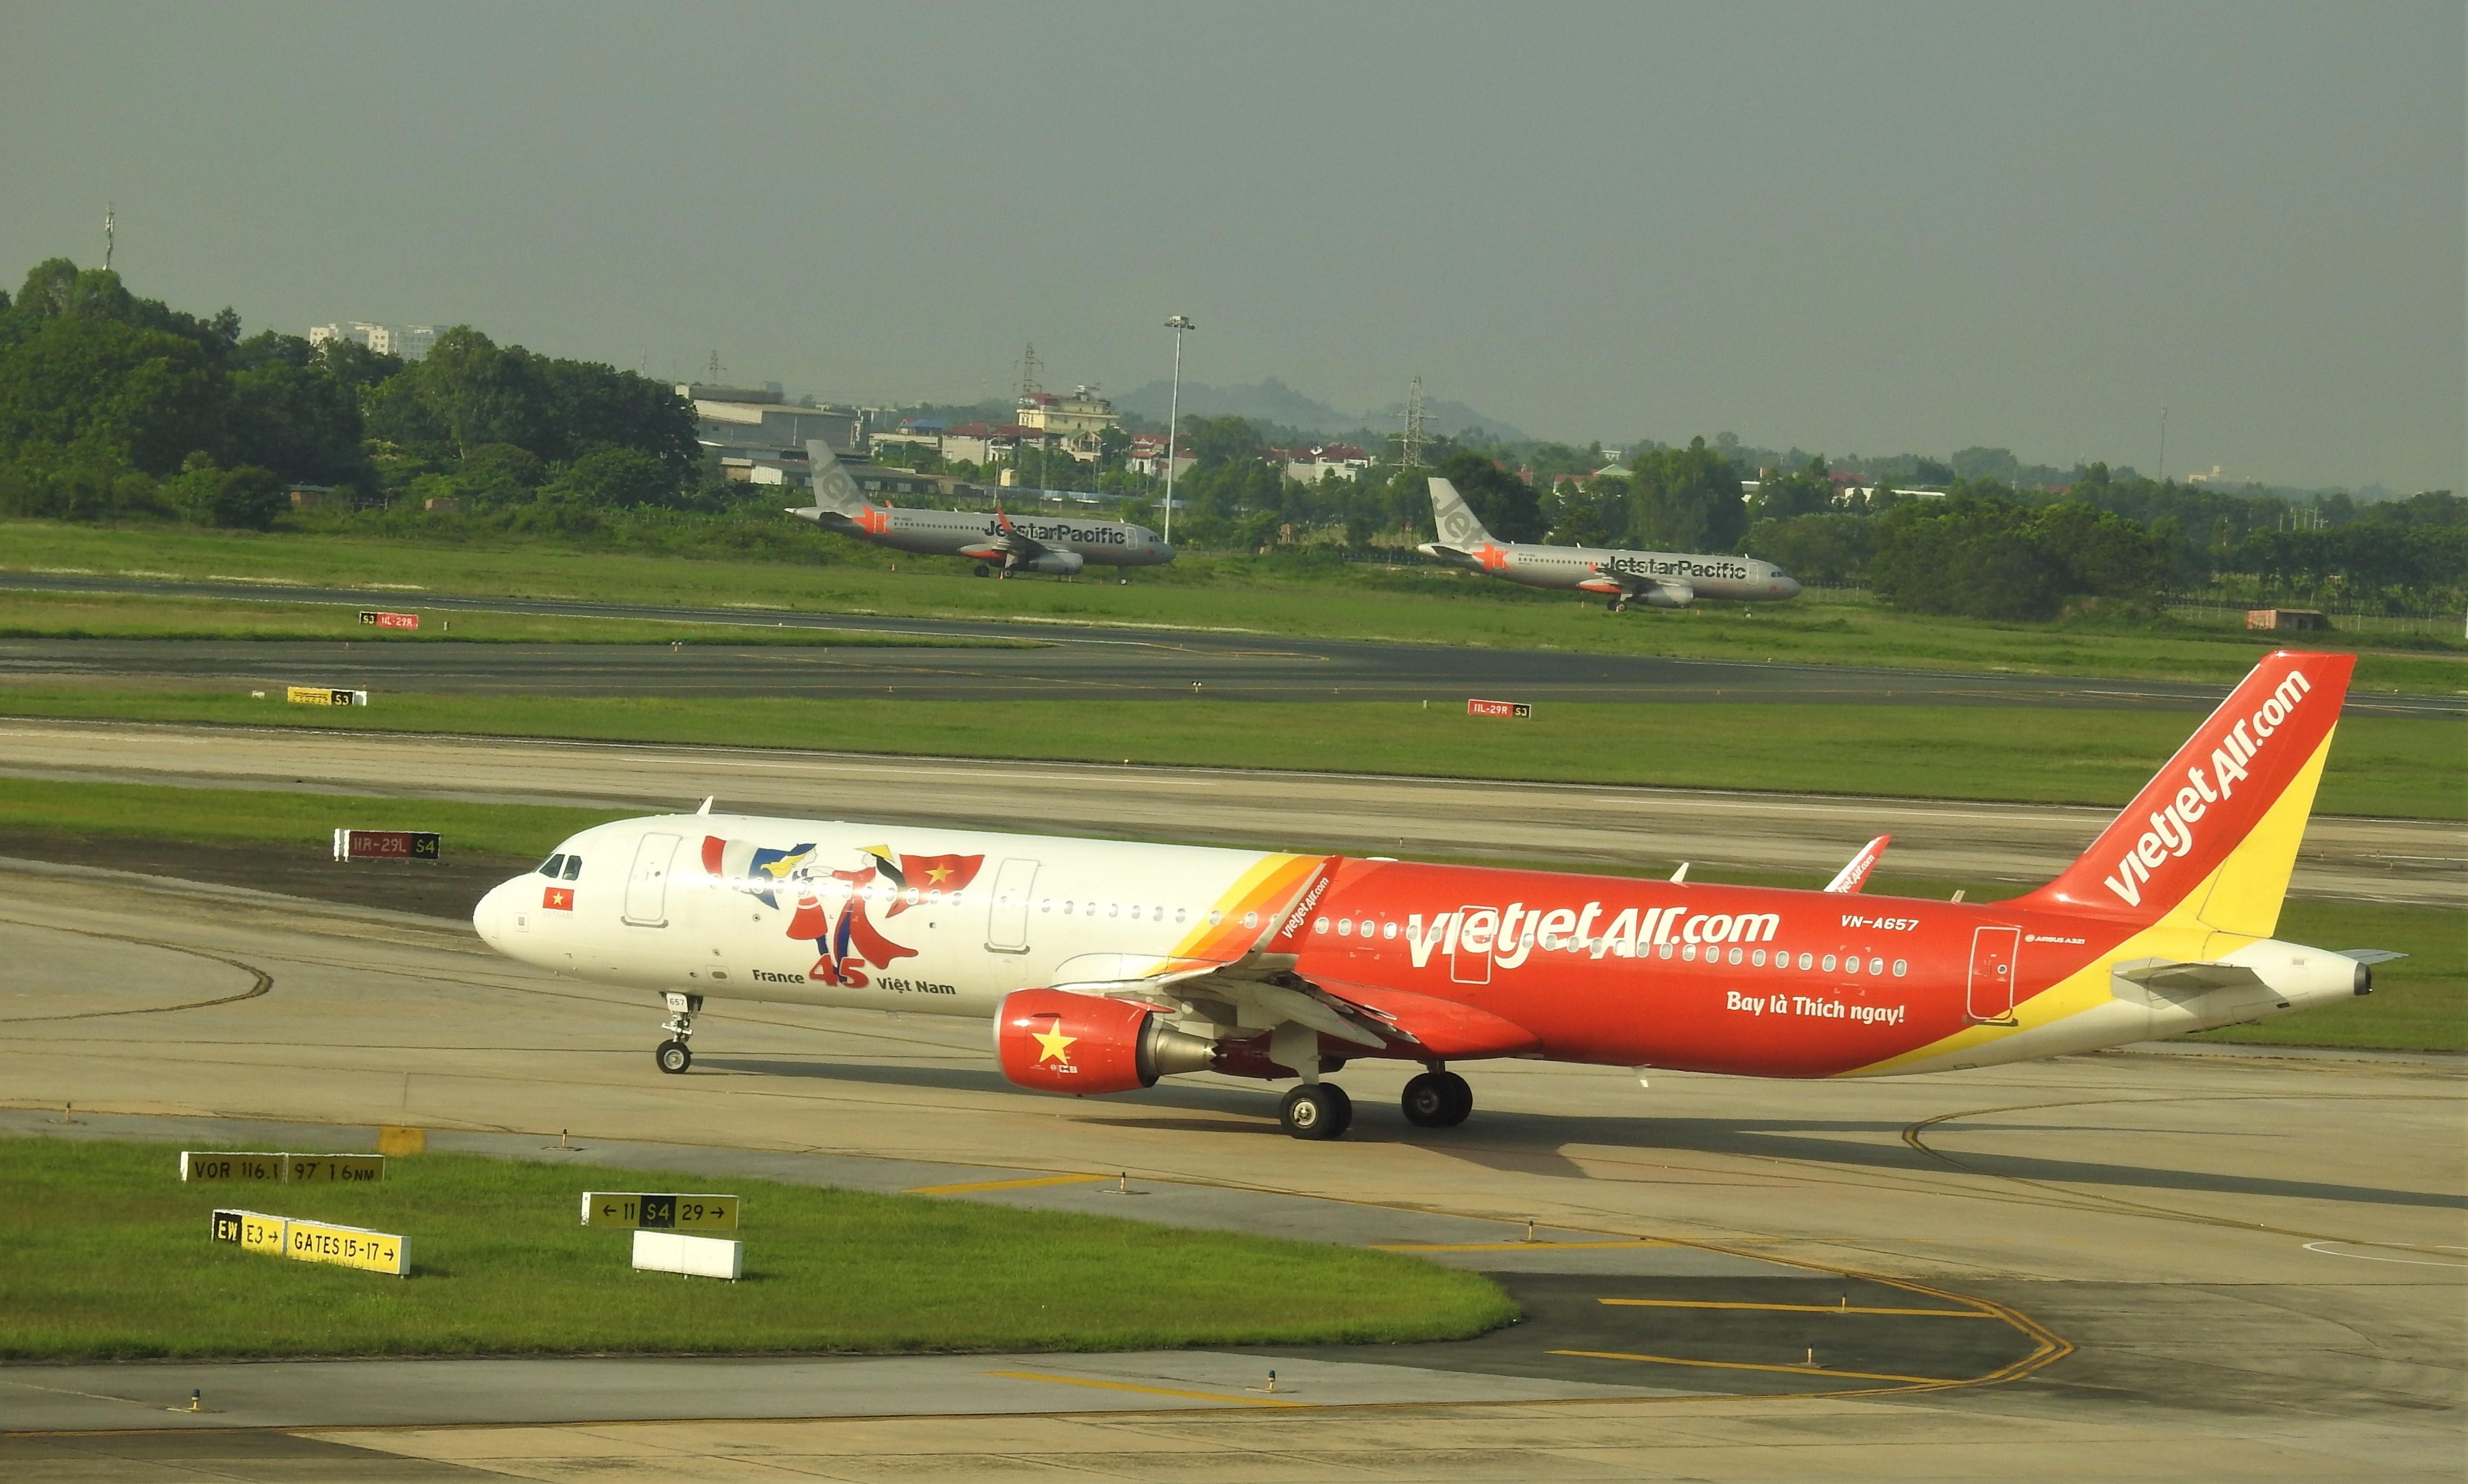 Sovico Aviation dự chi nghìn tỉ mua 10 triệu cổ phần Vietjet - Ảnh 1.